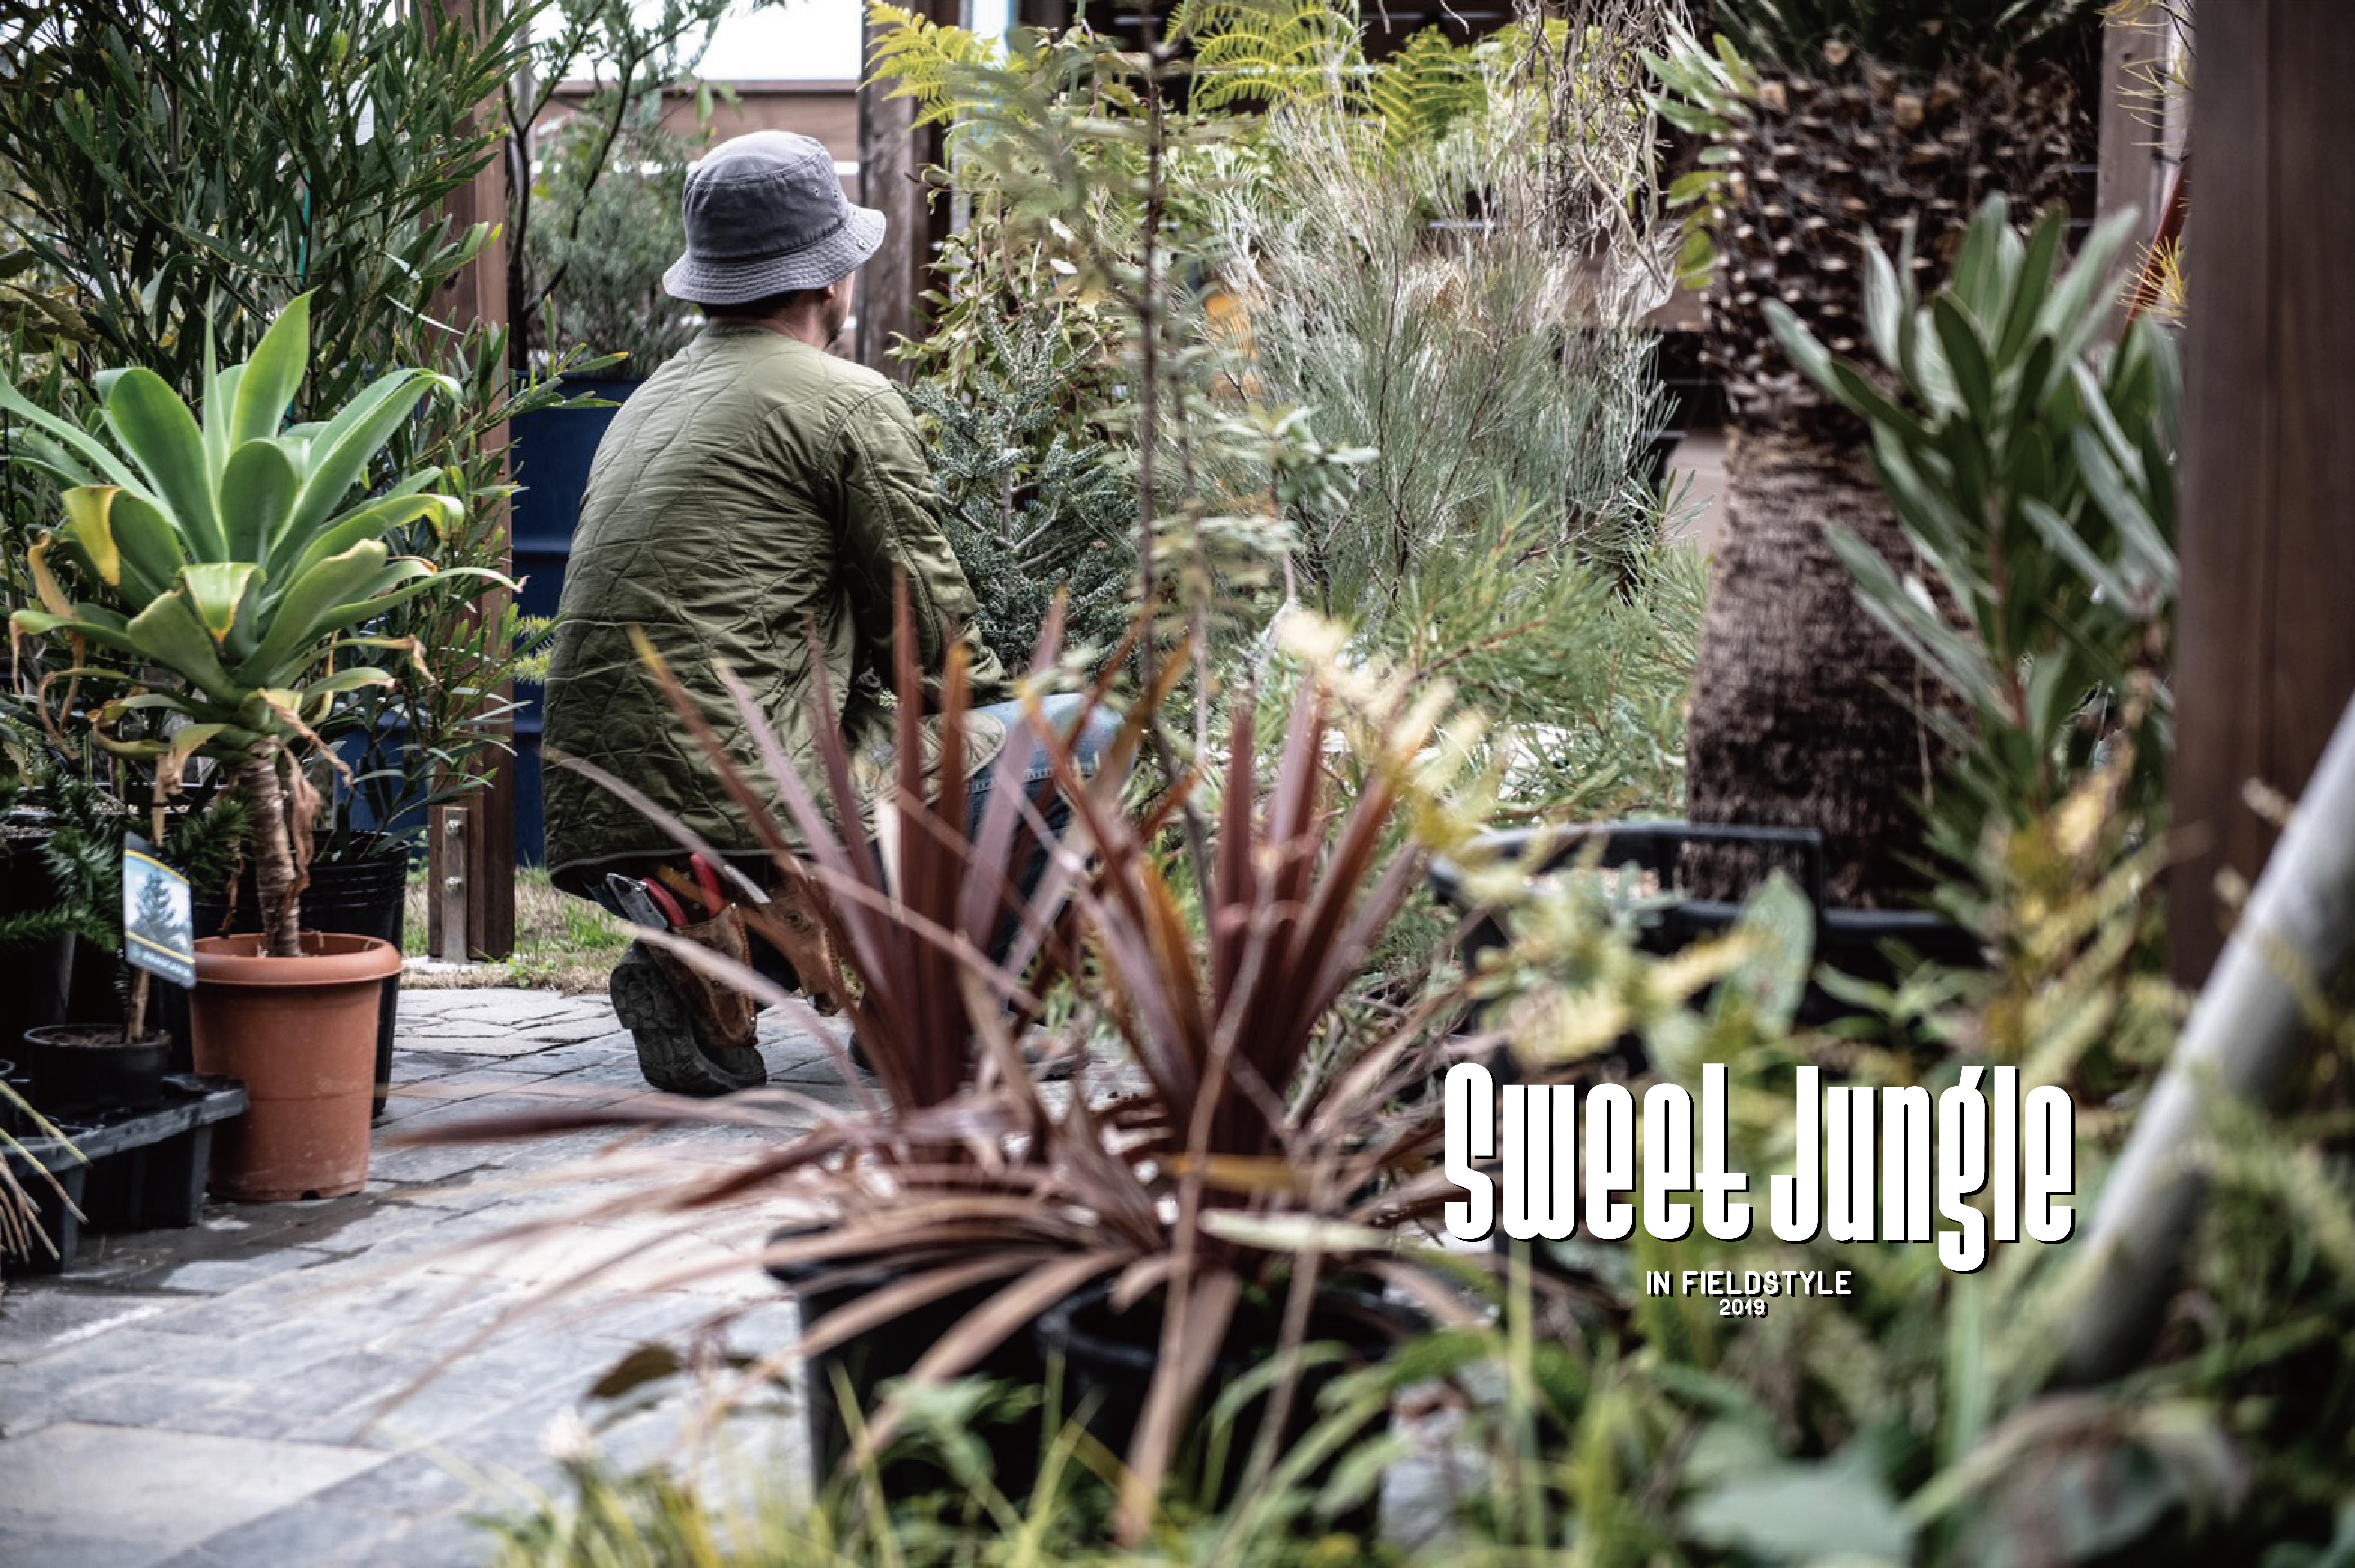 今回新たに新設されるのが、「sweet jungle」という植物に特化したエリア。  「植物を育てることを楽しむ時間」を暮らしに取り入れたいけれど、植物を育てる自信がなかったり、自分の性格やライフスタイルにあった育てやすい植物が分からなかったり……。そんな疑問を、出店者に気軽に相談しながら植物を購入することができるエリアです。  出店者の中には生産者さんもいるので、普通のショップではなかなか聞けない生産者さんならではの植物のお話も聞けそす。ぜひ正しい育て方と一緒に「植物を育てることを楽しむ時間」をGETしましょう!